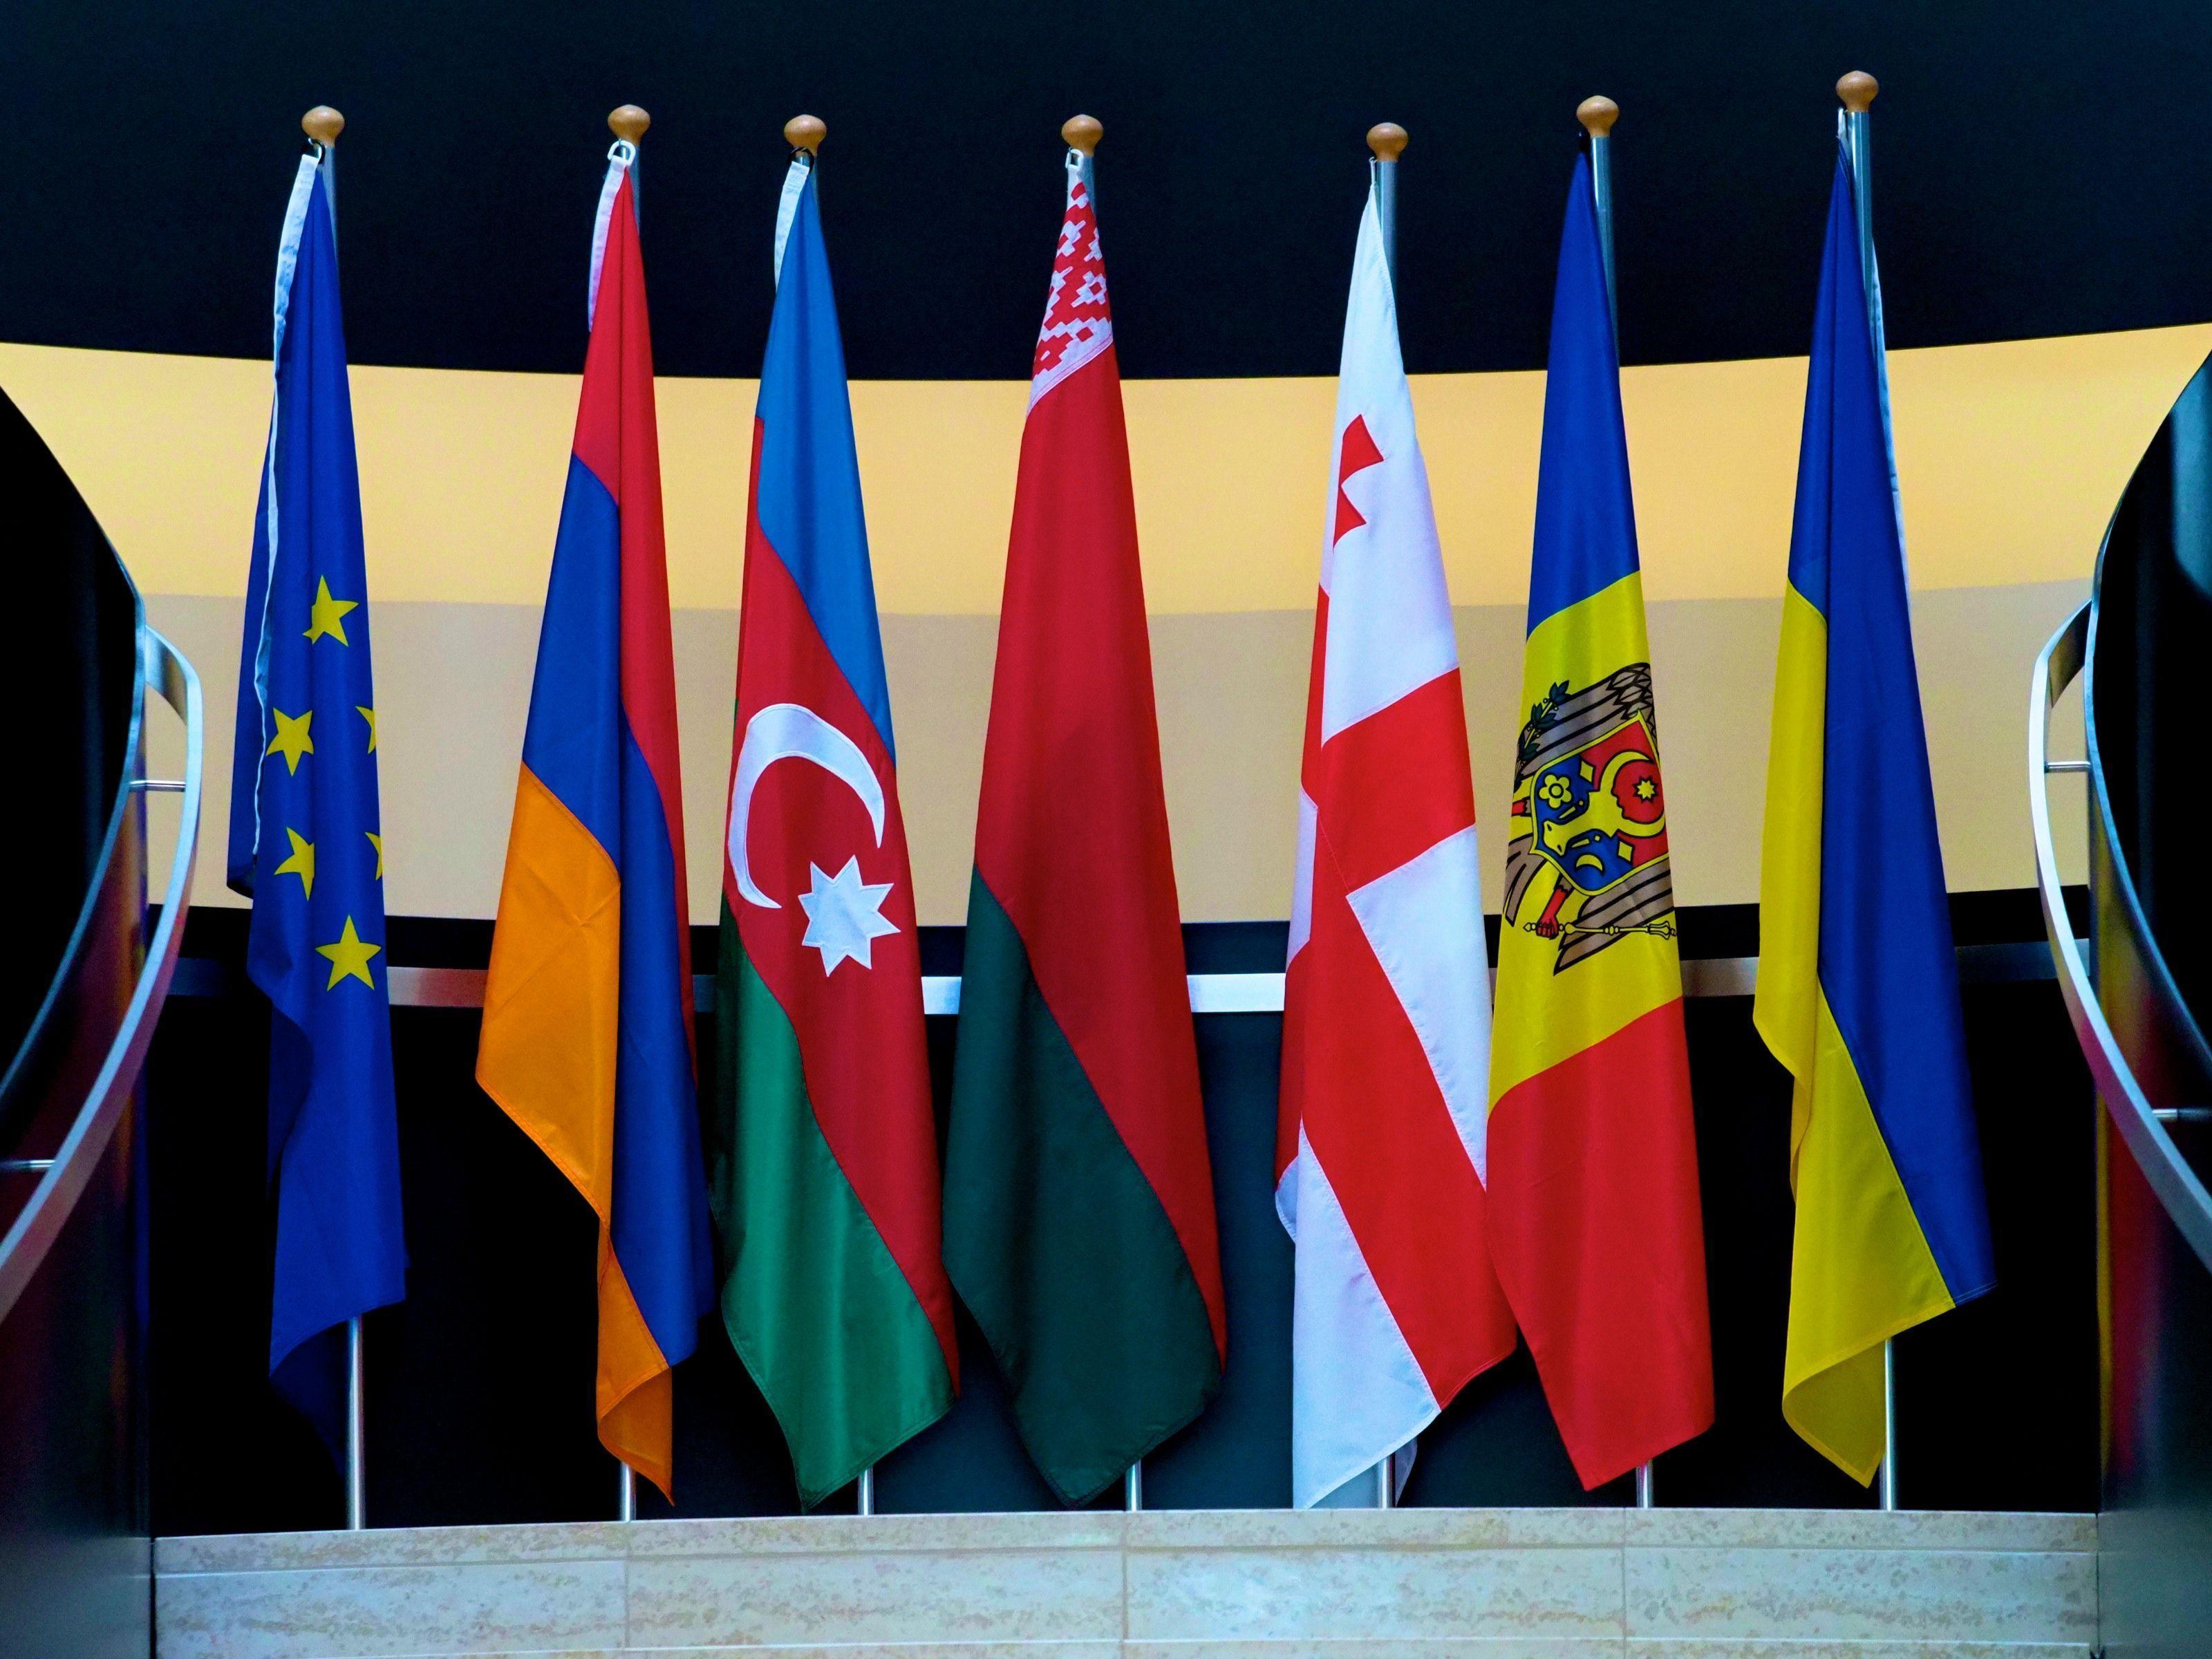 Польша и Швеция настаивают на участии лидеров стран ЕС на саммите ВП